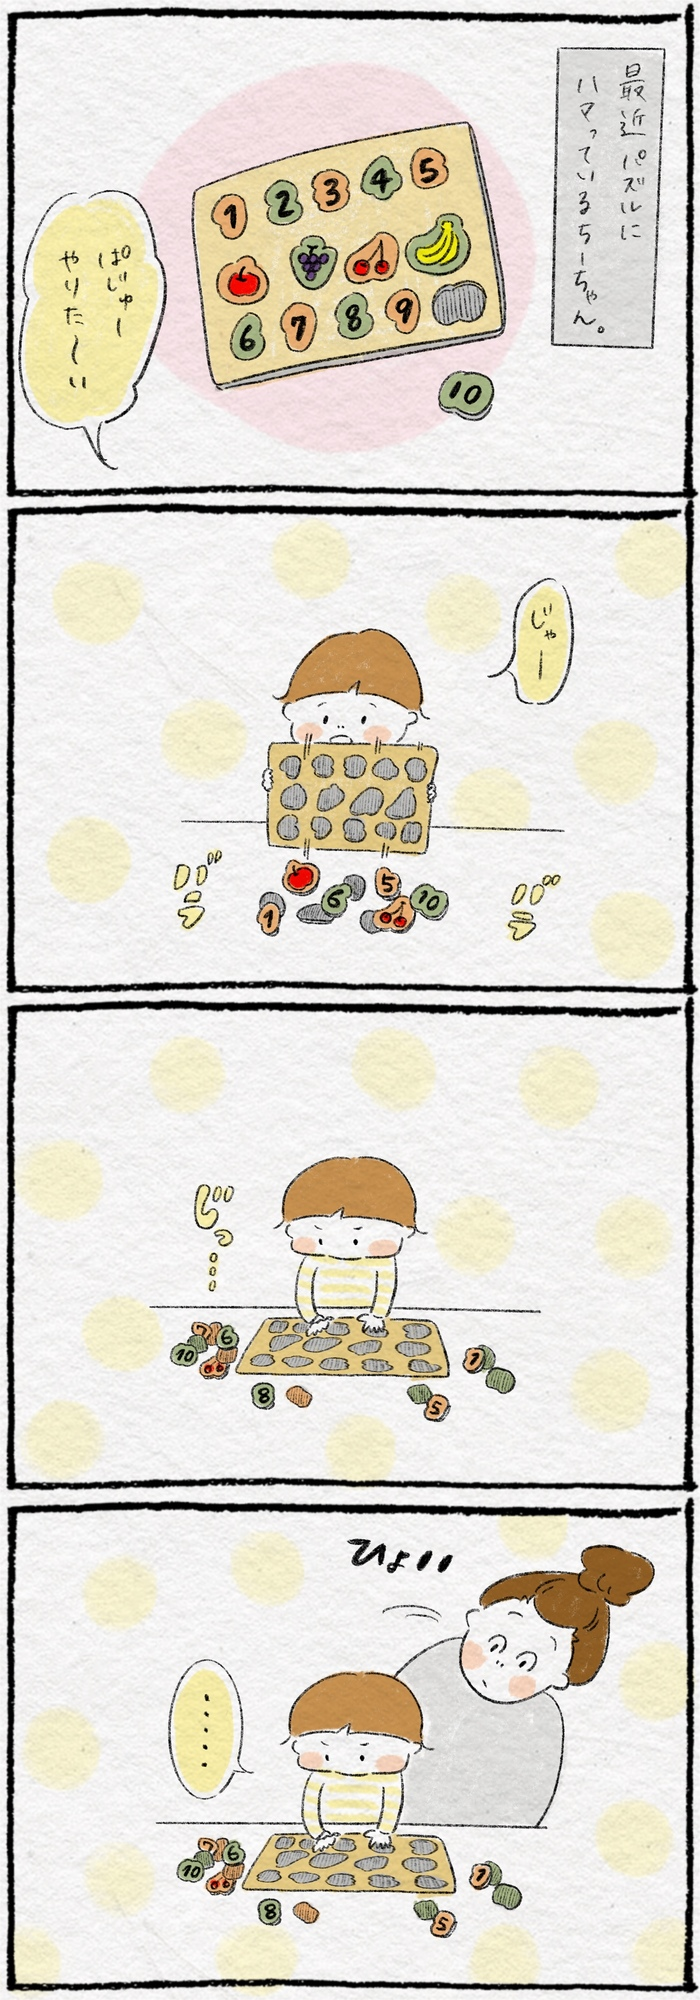 「遊び方」に口出ししてはいけない。娘のパズル遊びを見て考えさせられたことの画像1